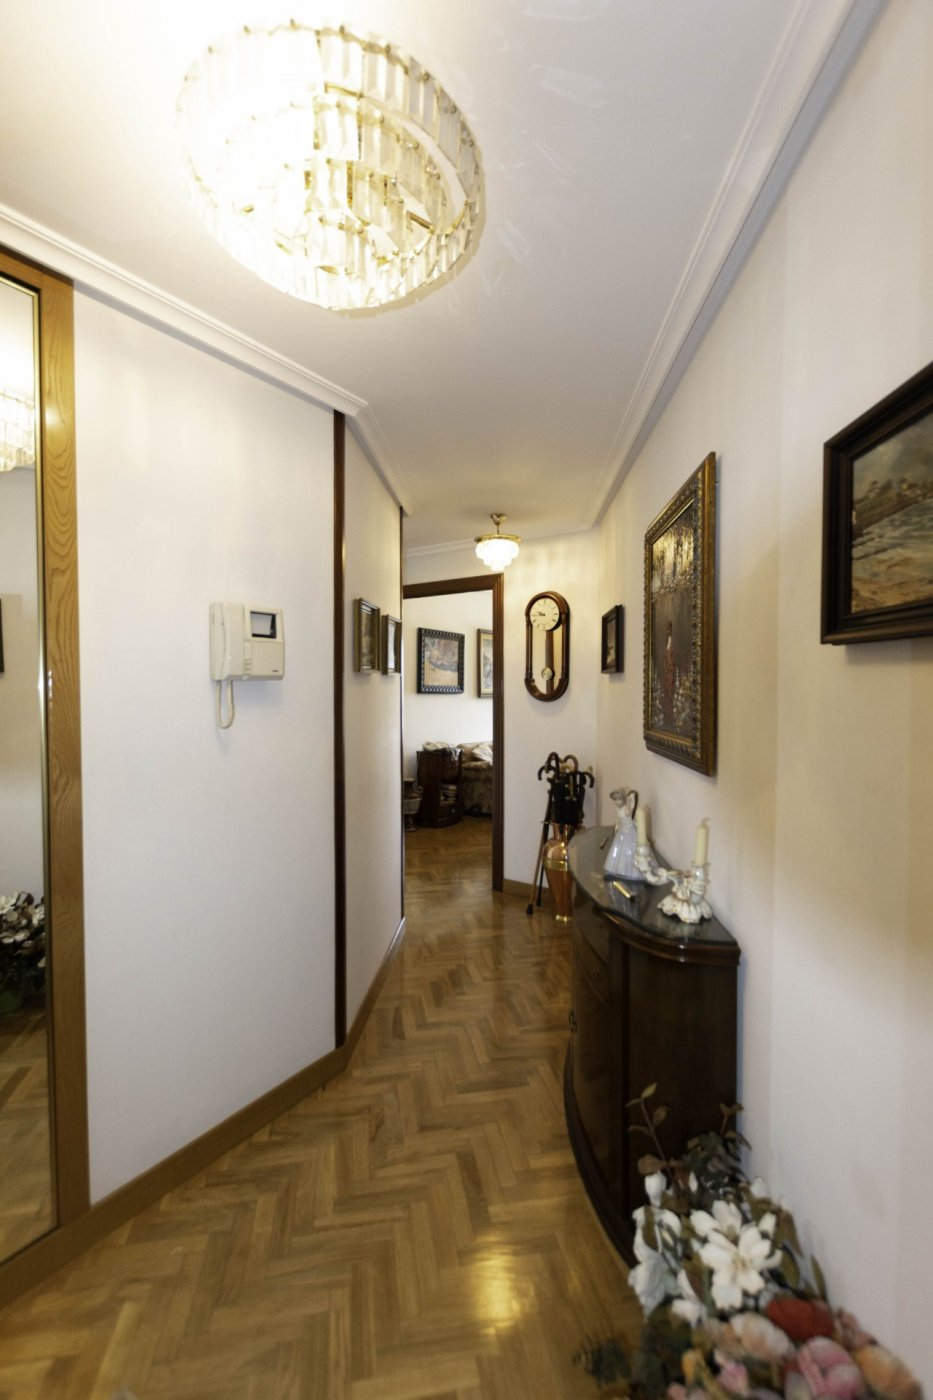 Tres habitaciones con garaje y trastero a dos minutos caminando de la calle uría. - imagenInmueble14